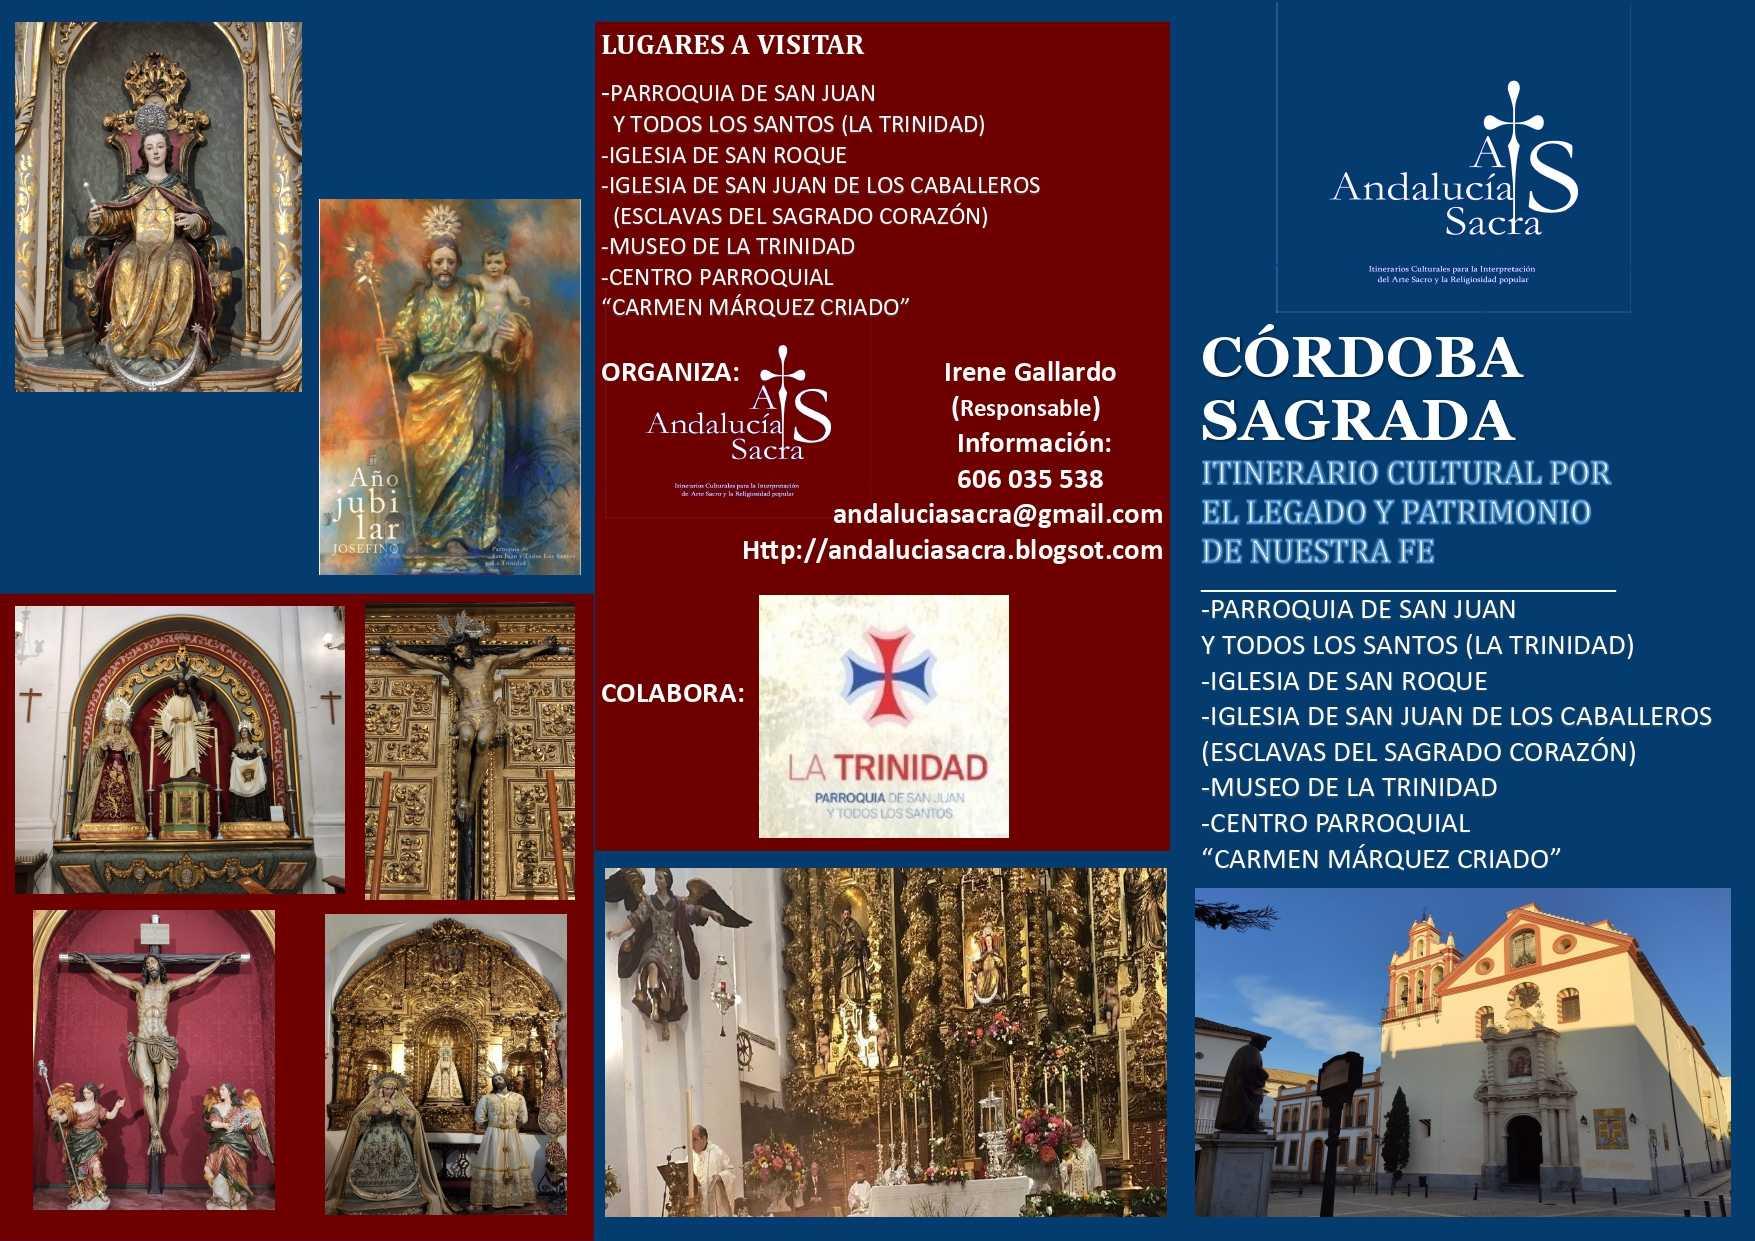 Córdoba Sagrada. Itinerario Cultural por el Legado y Patrimonio de nuestra Fe